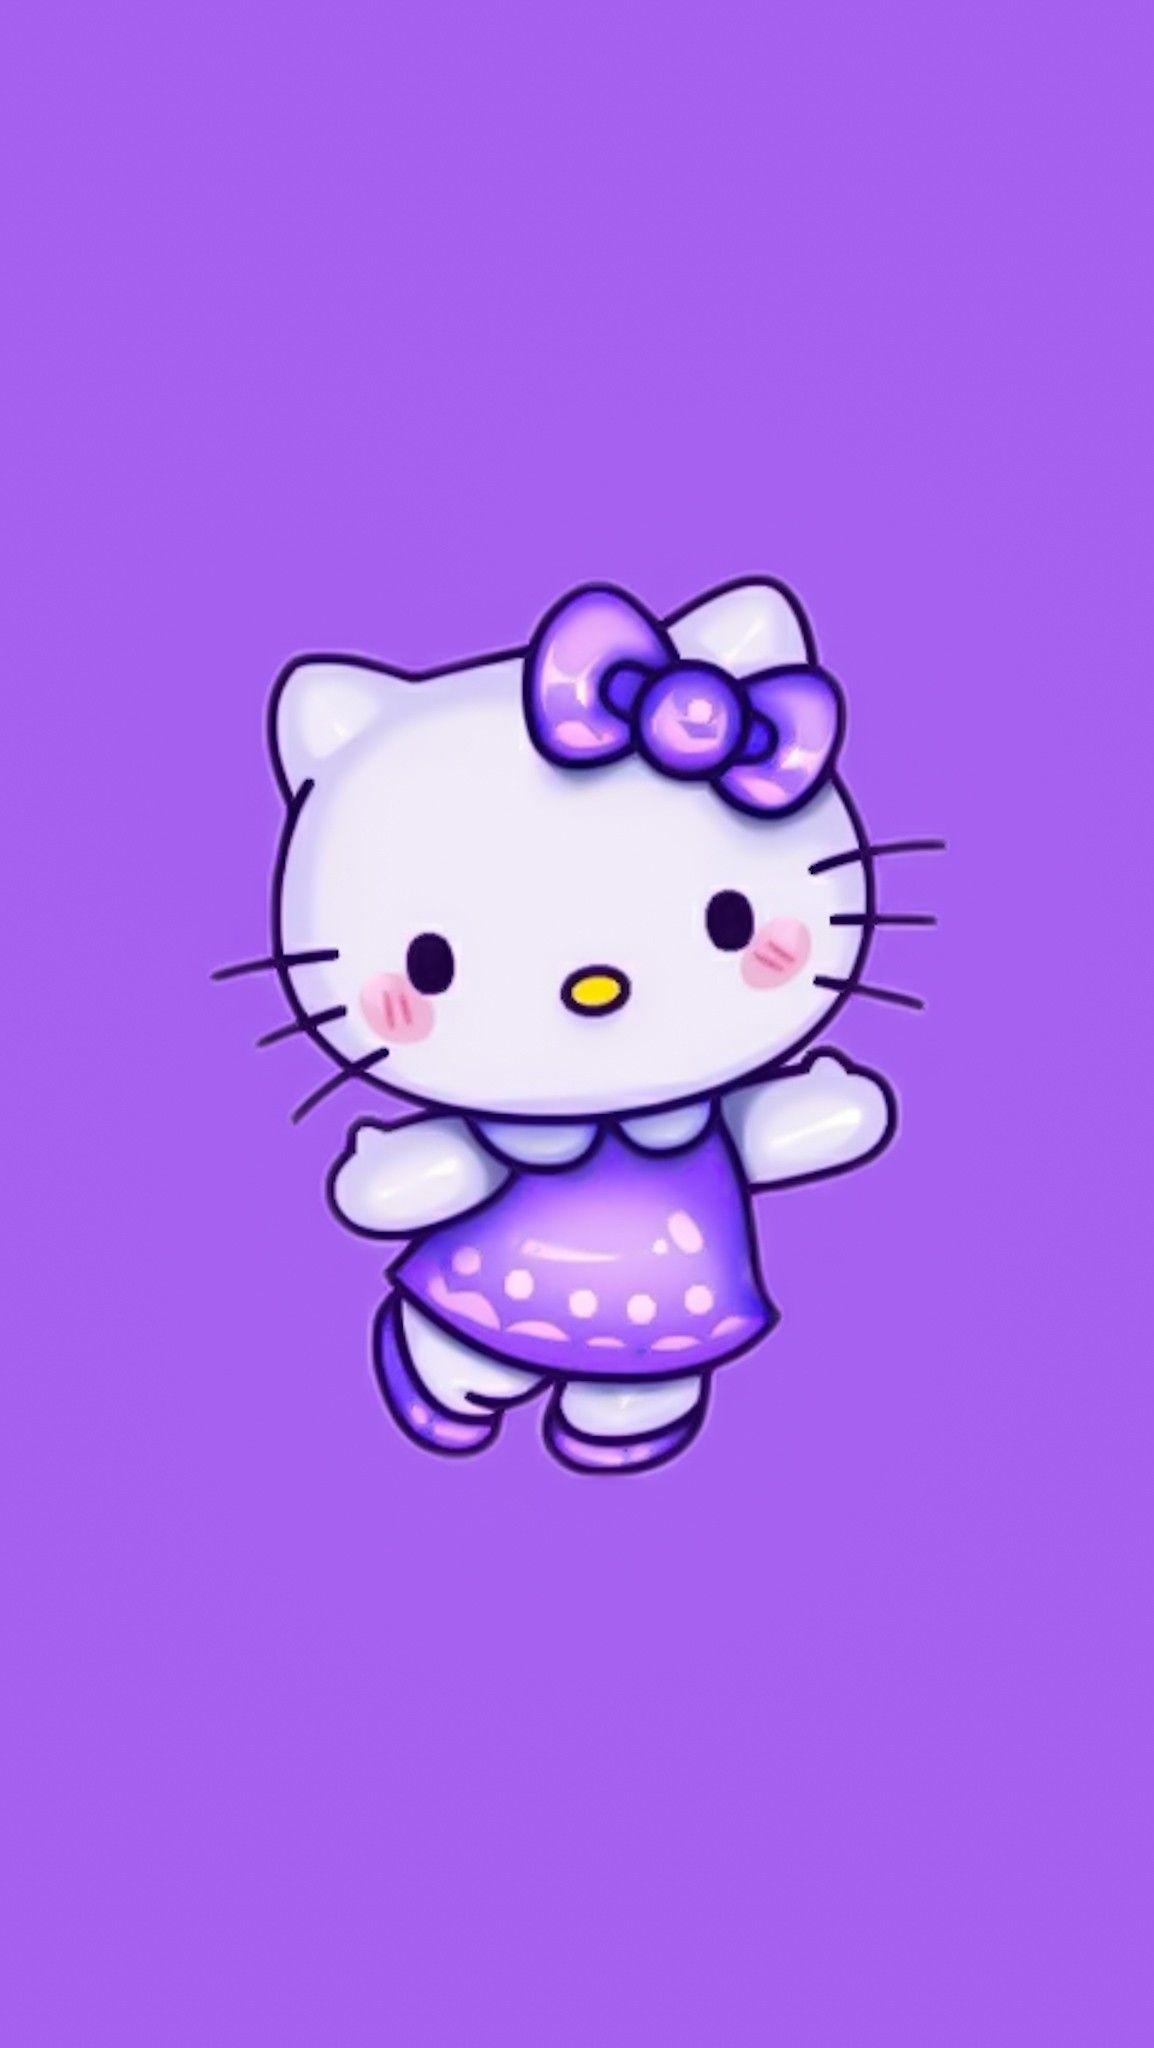 Pin By Apoame On Hello Kitty Bg S Hello Kitty Backgrounds Hello Kitty Images Hello Kitty Pictures